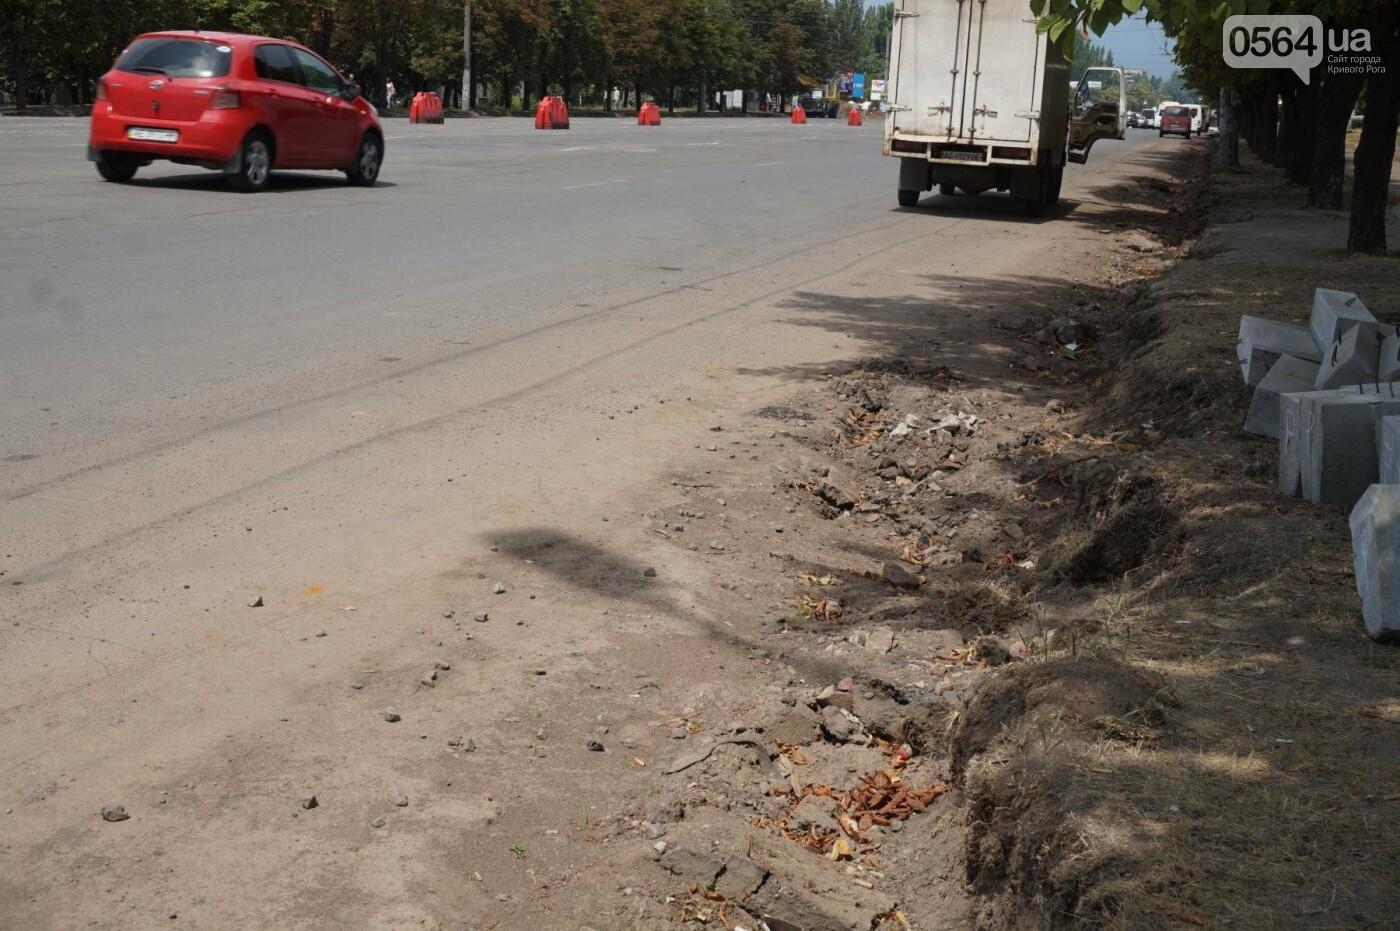 С сегодняшнего дня на центральном проспекте Кривого Рога отменены 3 остановки и запрещена парковка, - ФОТО, фото-29